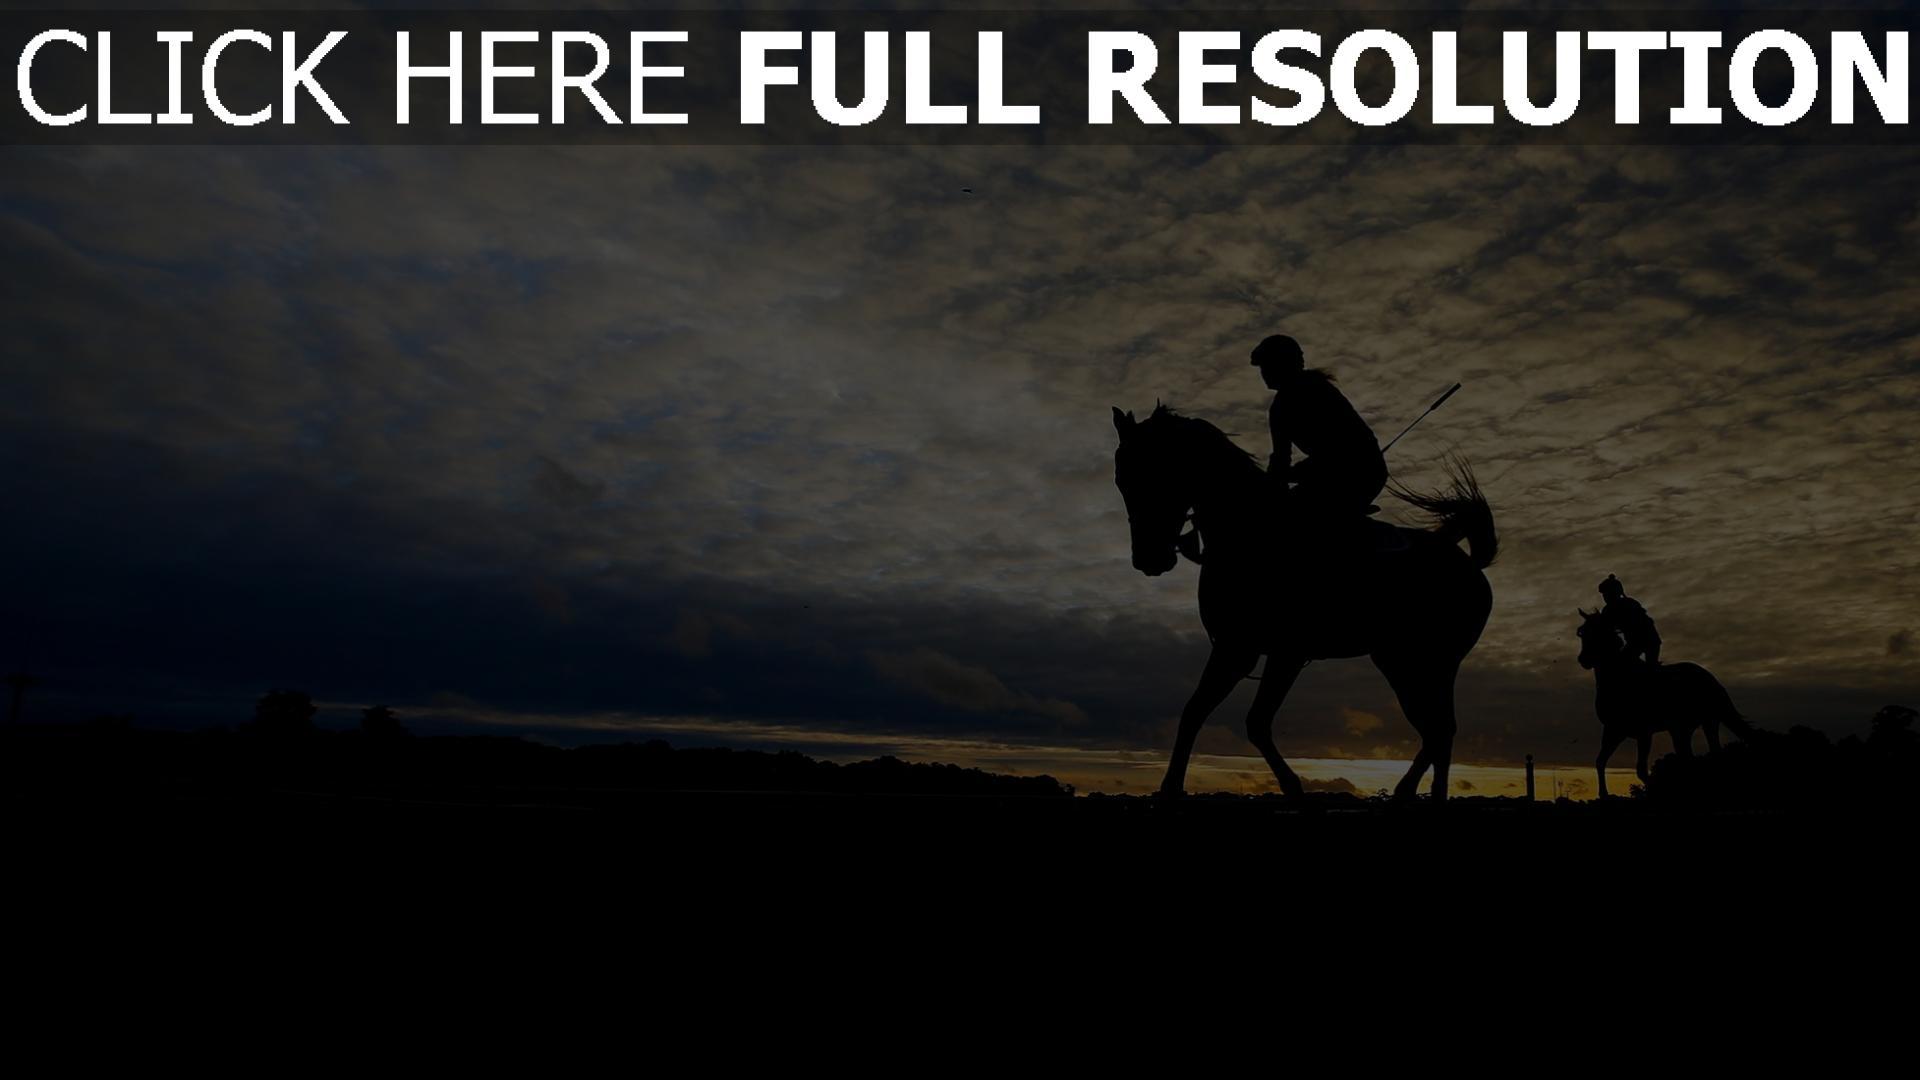 hd hintergrundbilder pferderennen silhouette himmel pferd belmont stakes 1920x1080